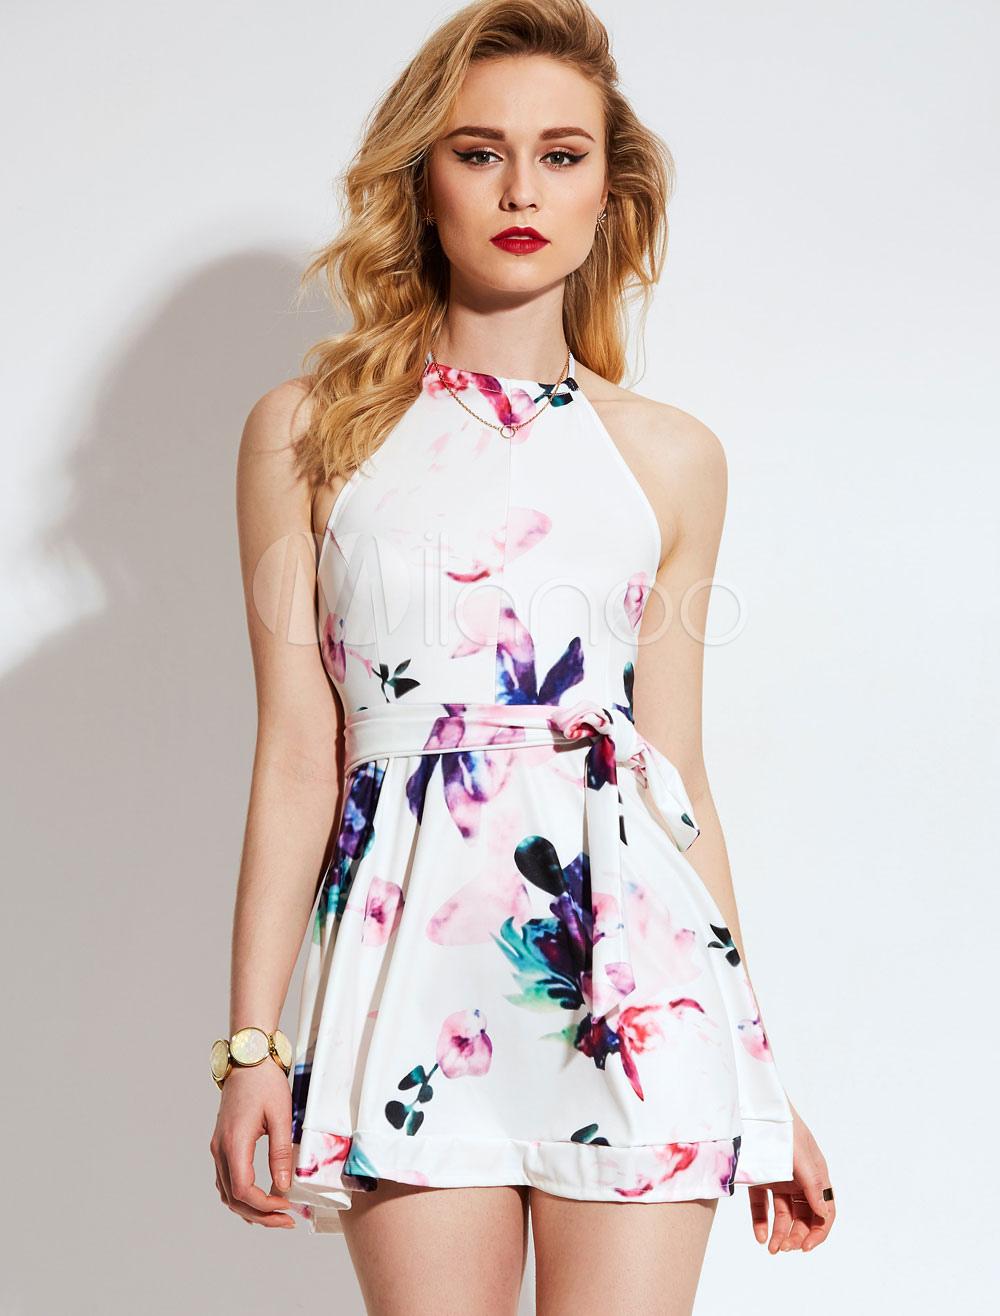 White Skater Dress Halter Sleeveless Floral Print Women's Short Dresses (Women\\'s Clothing Skater Dresses) photo